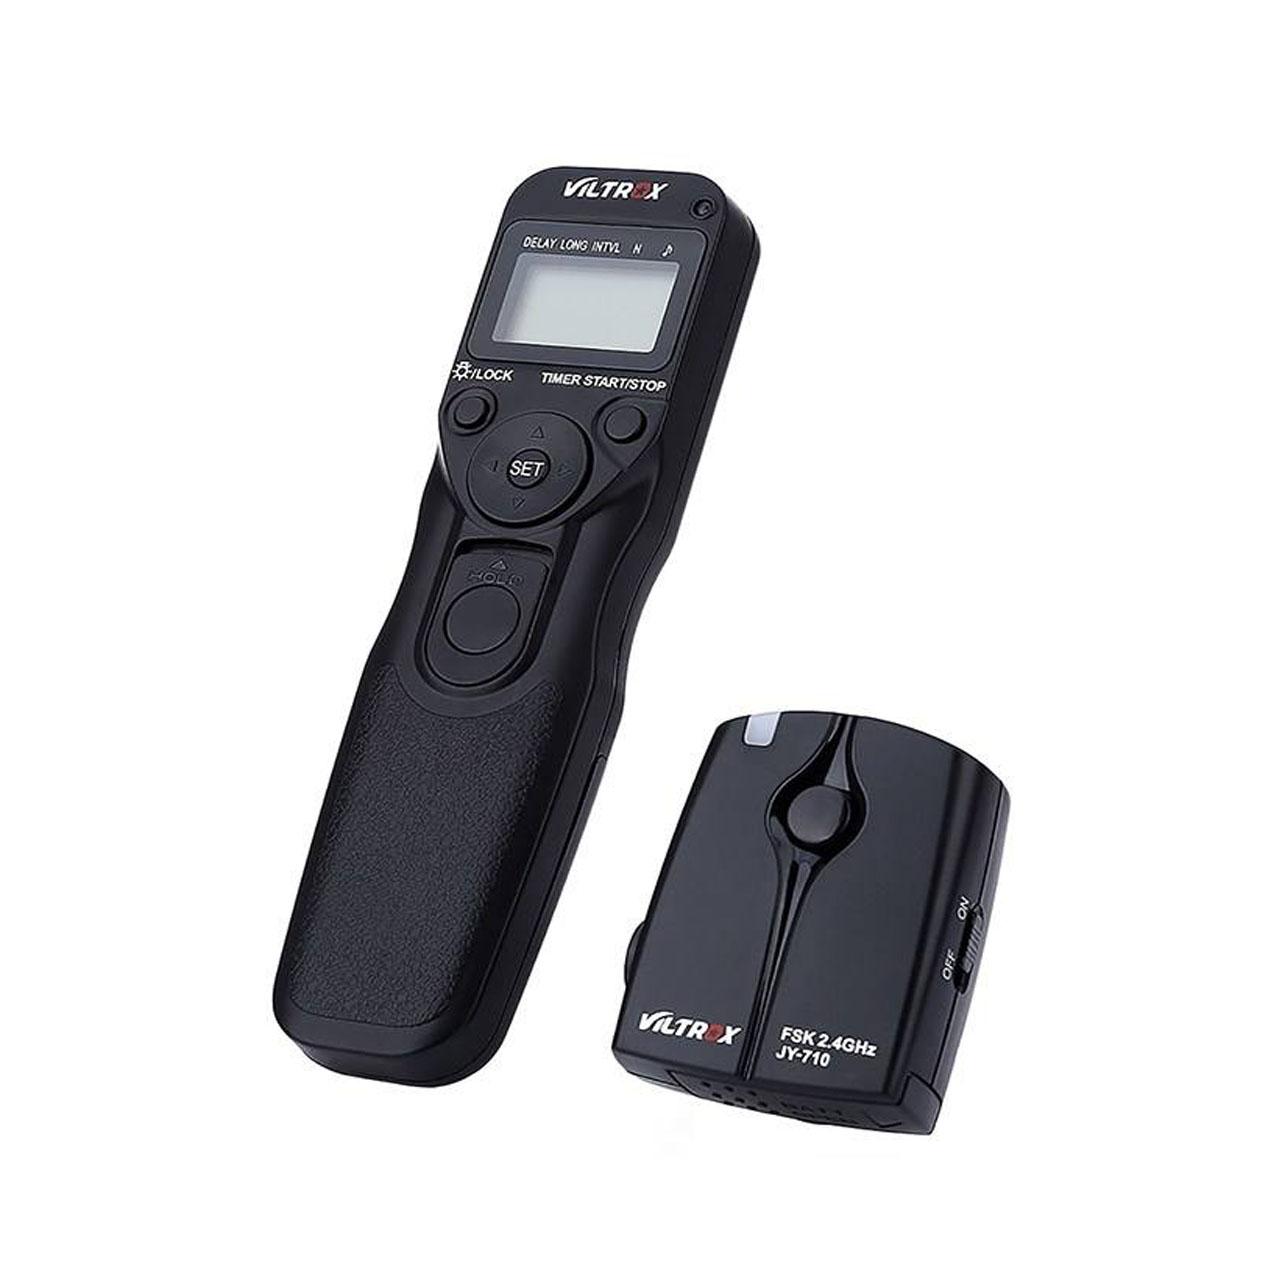 ریموت کنترل بی سیم دوربین ویلتروکس مدل JY-710 N 3 مناسب برای دوربین های نیکون